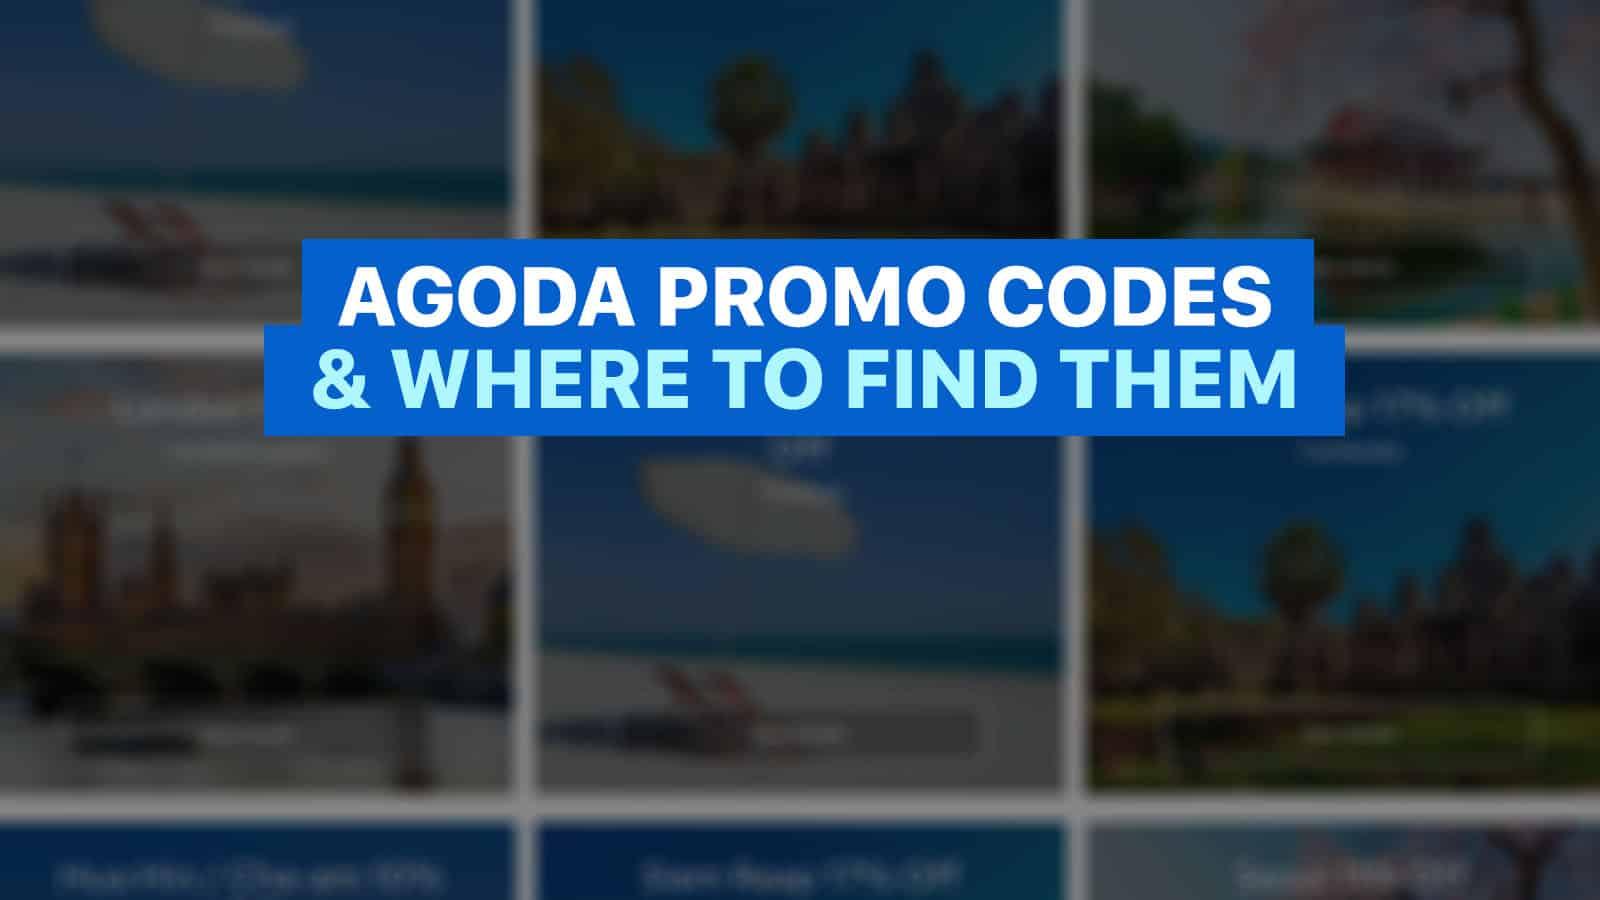 AGODA的优惠券以及在哪里可以找到它们 | 穷游者的行程安排博客